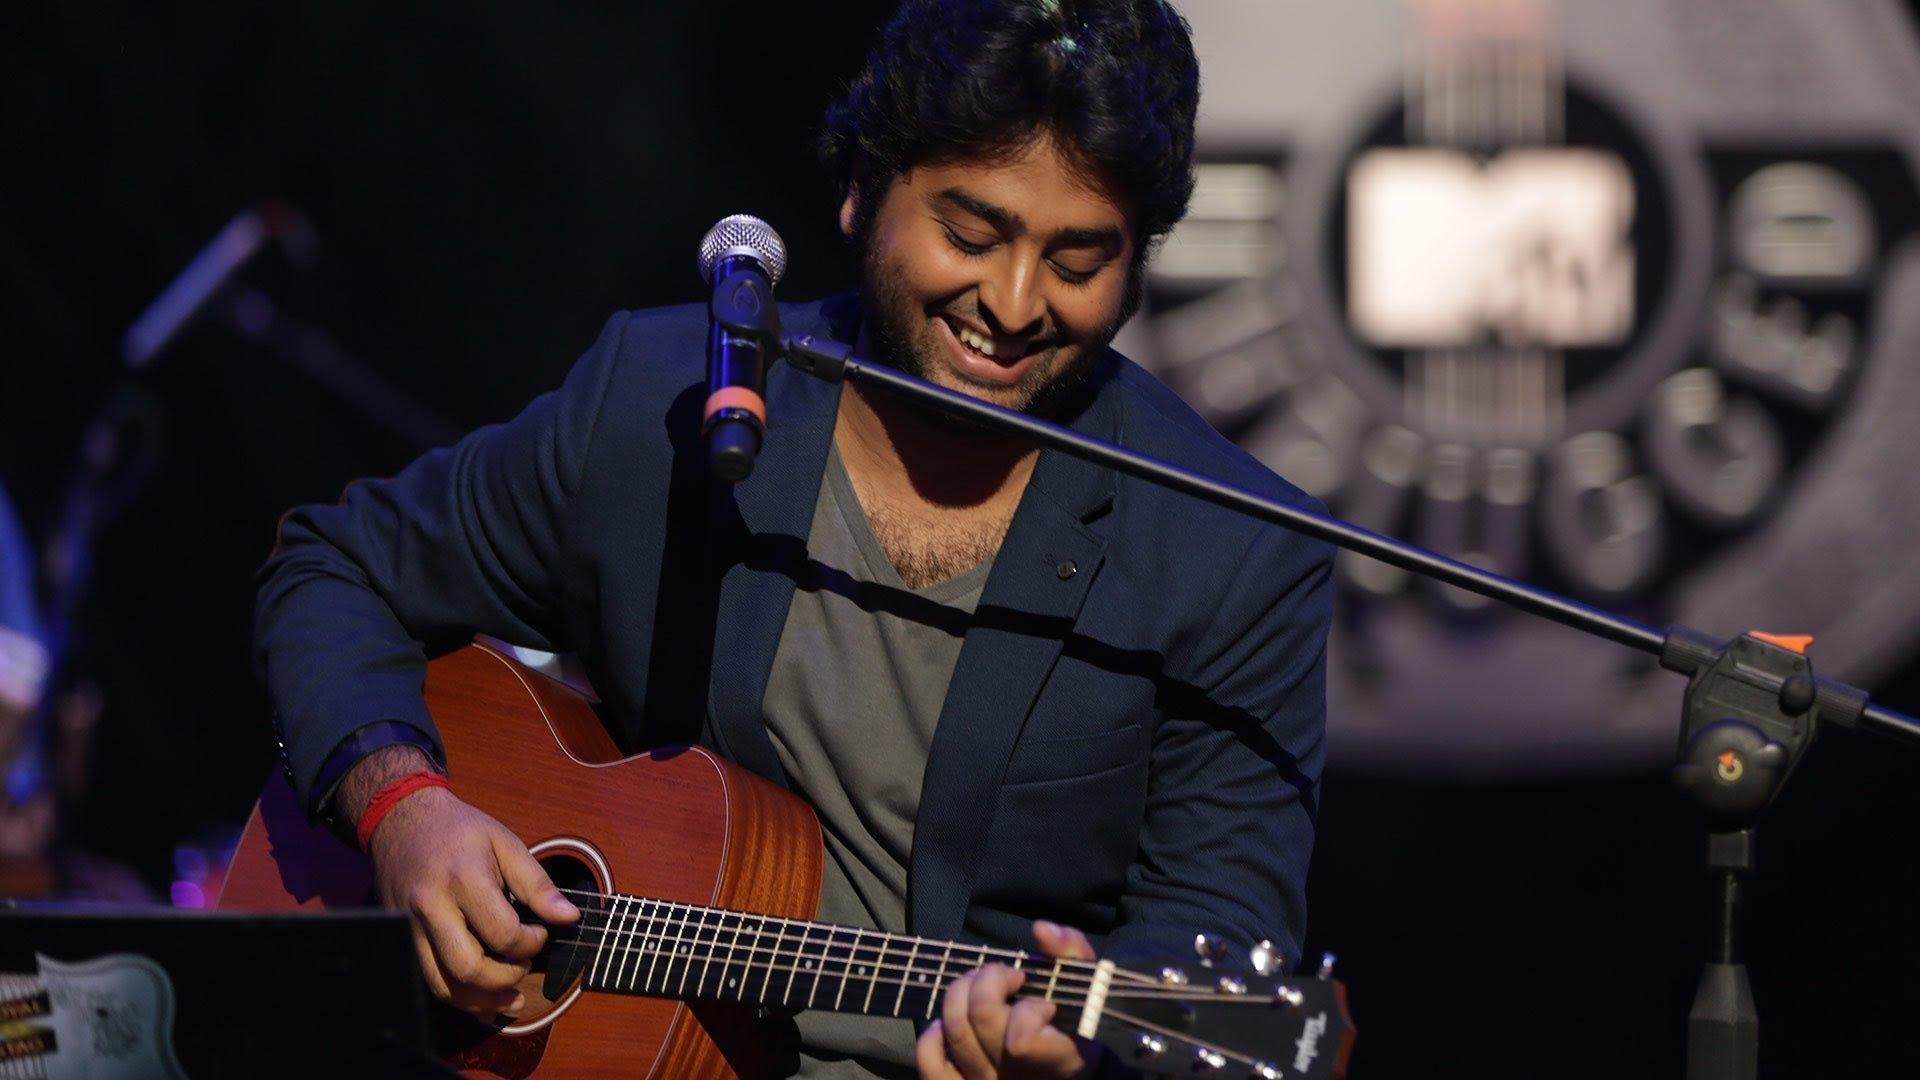 Arijit Singh - Soch Na Sake Lyrics | MetroLyrics